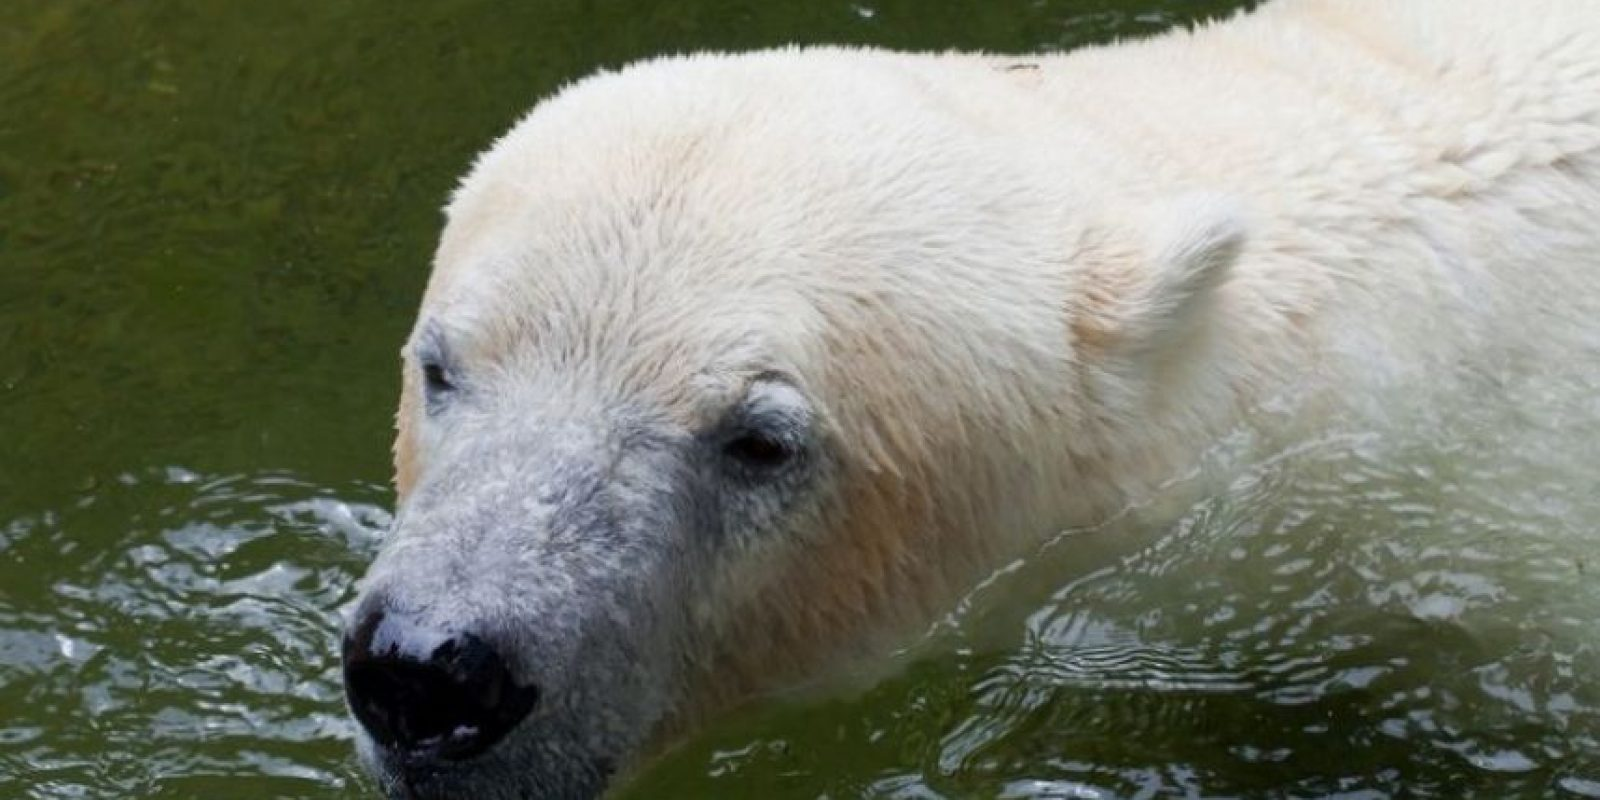 Los osos polares viven sólo en la región del Ártico, donde caminan por las gruesas capas de hielo. Foto:Wikimedia